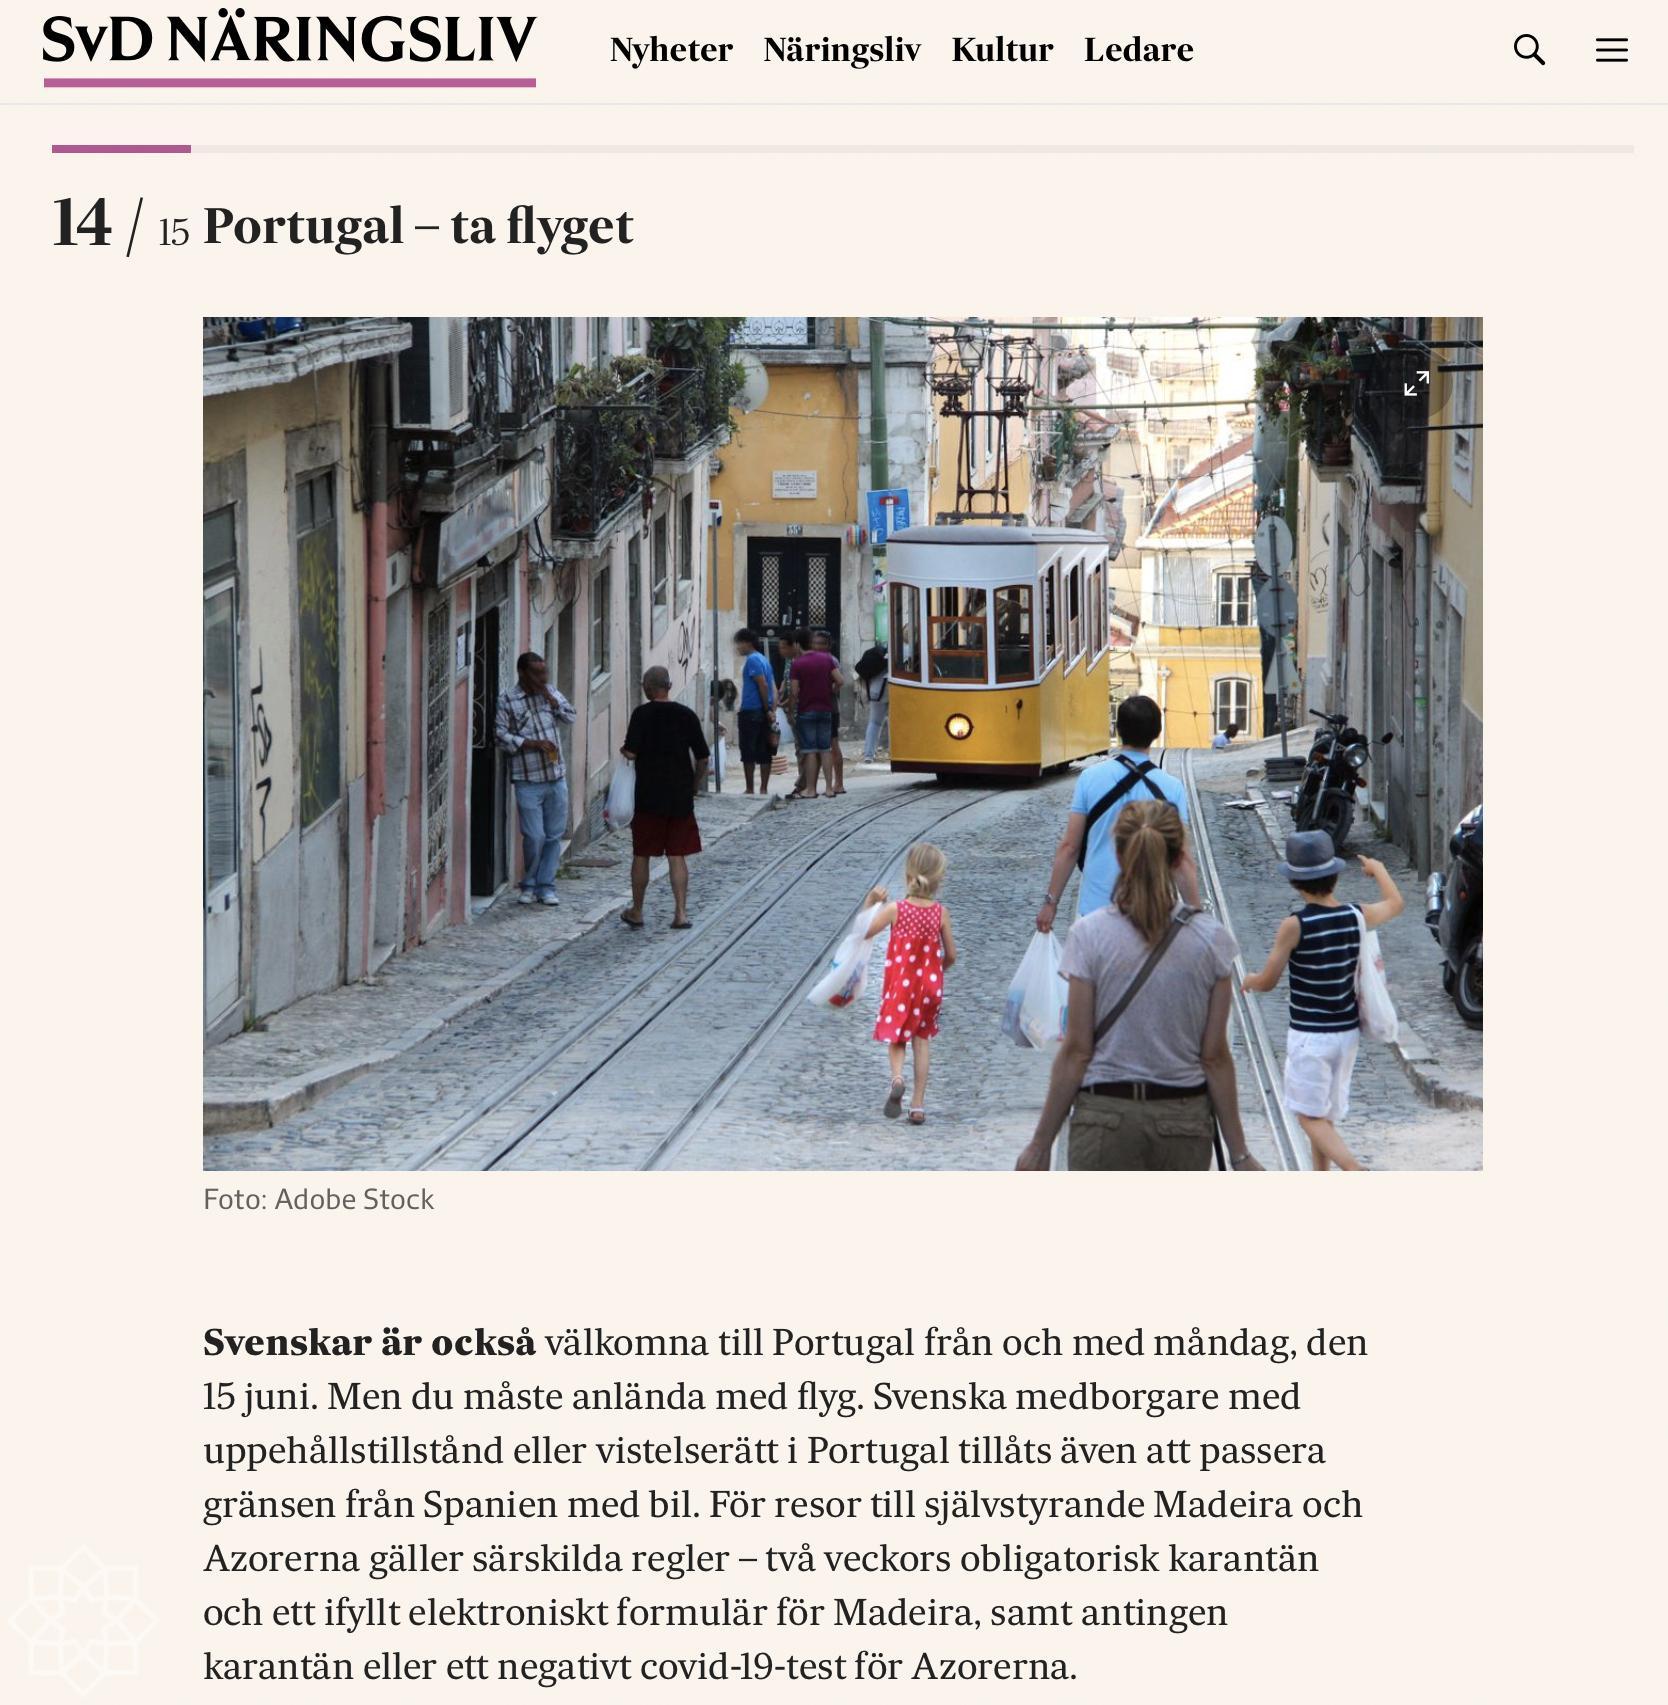 15 juni är alla svenska välkomna till Portugal